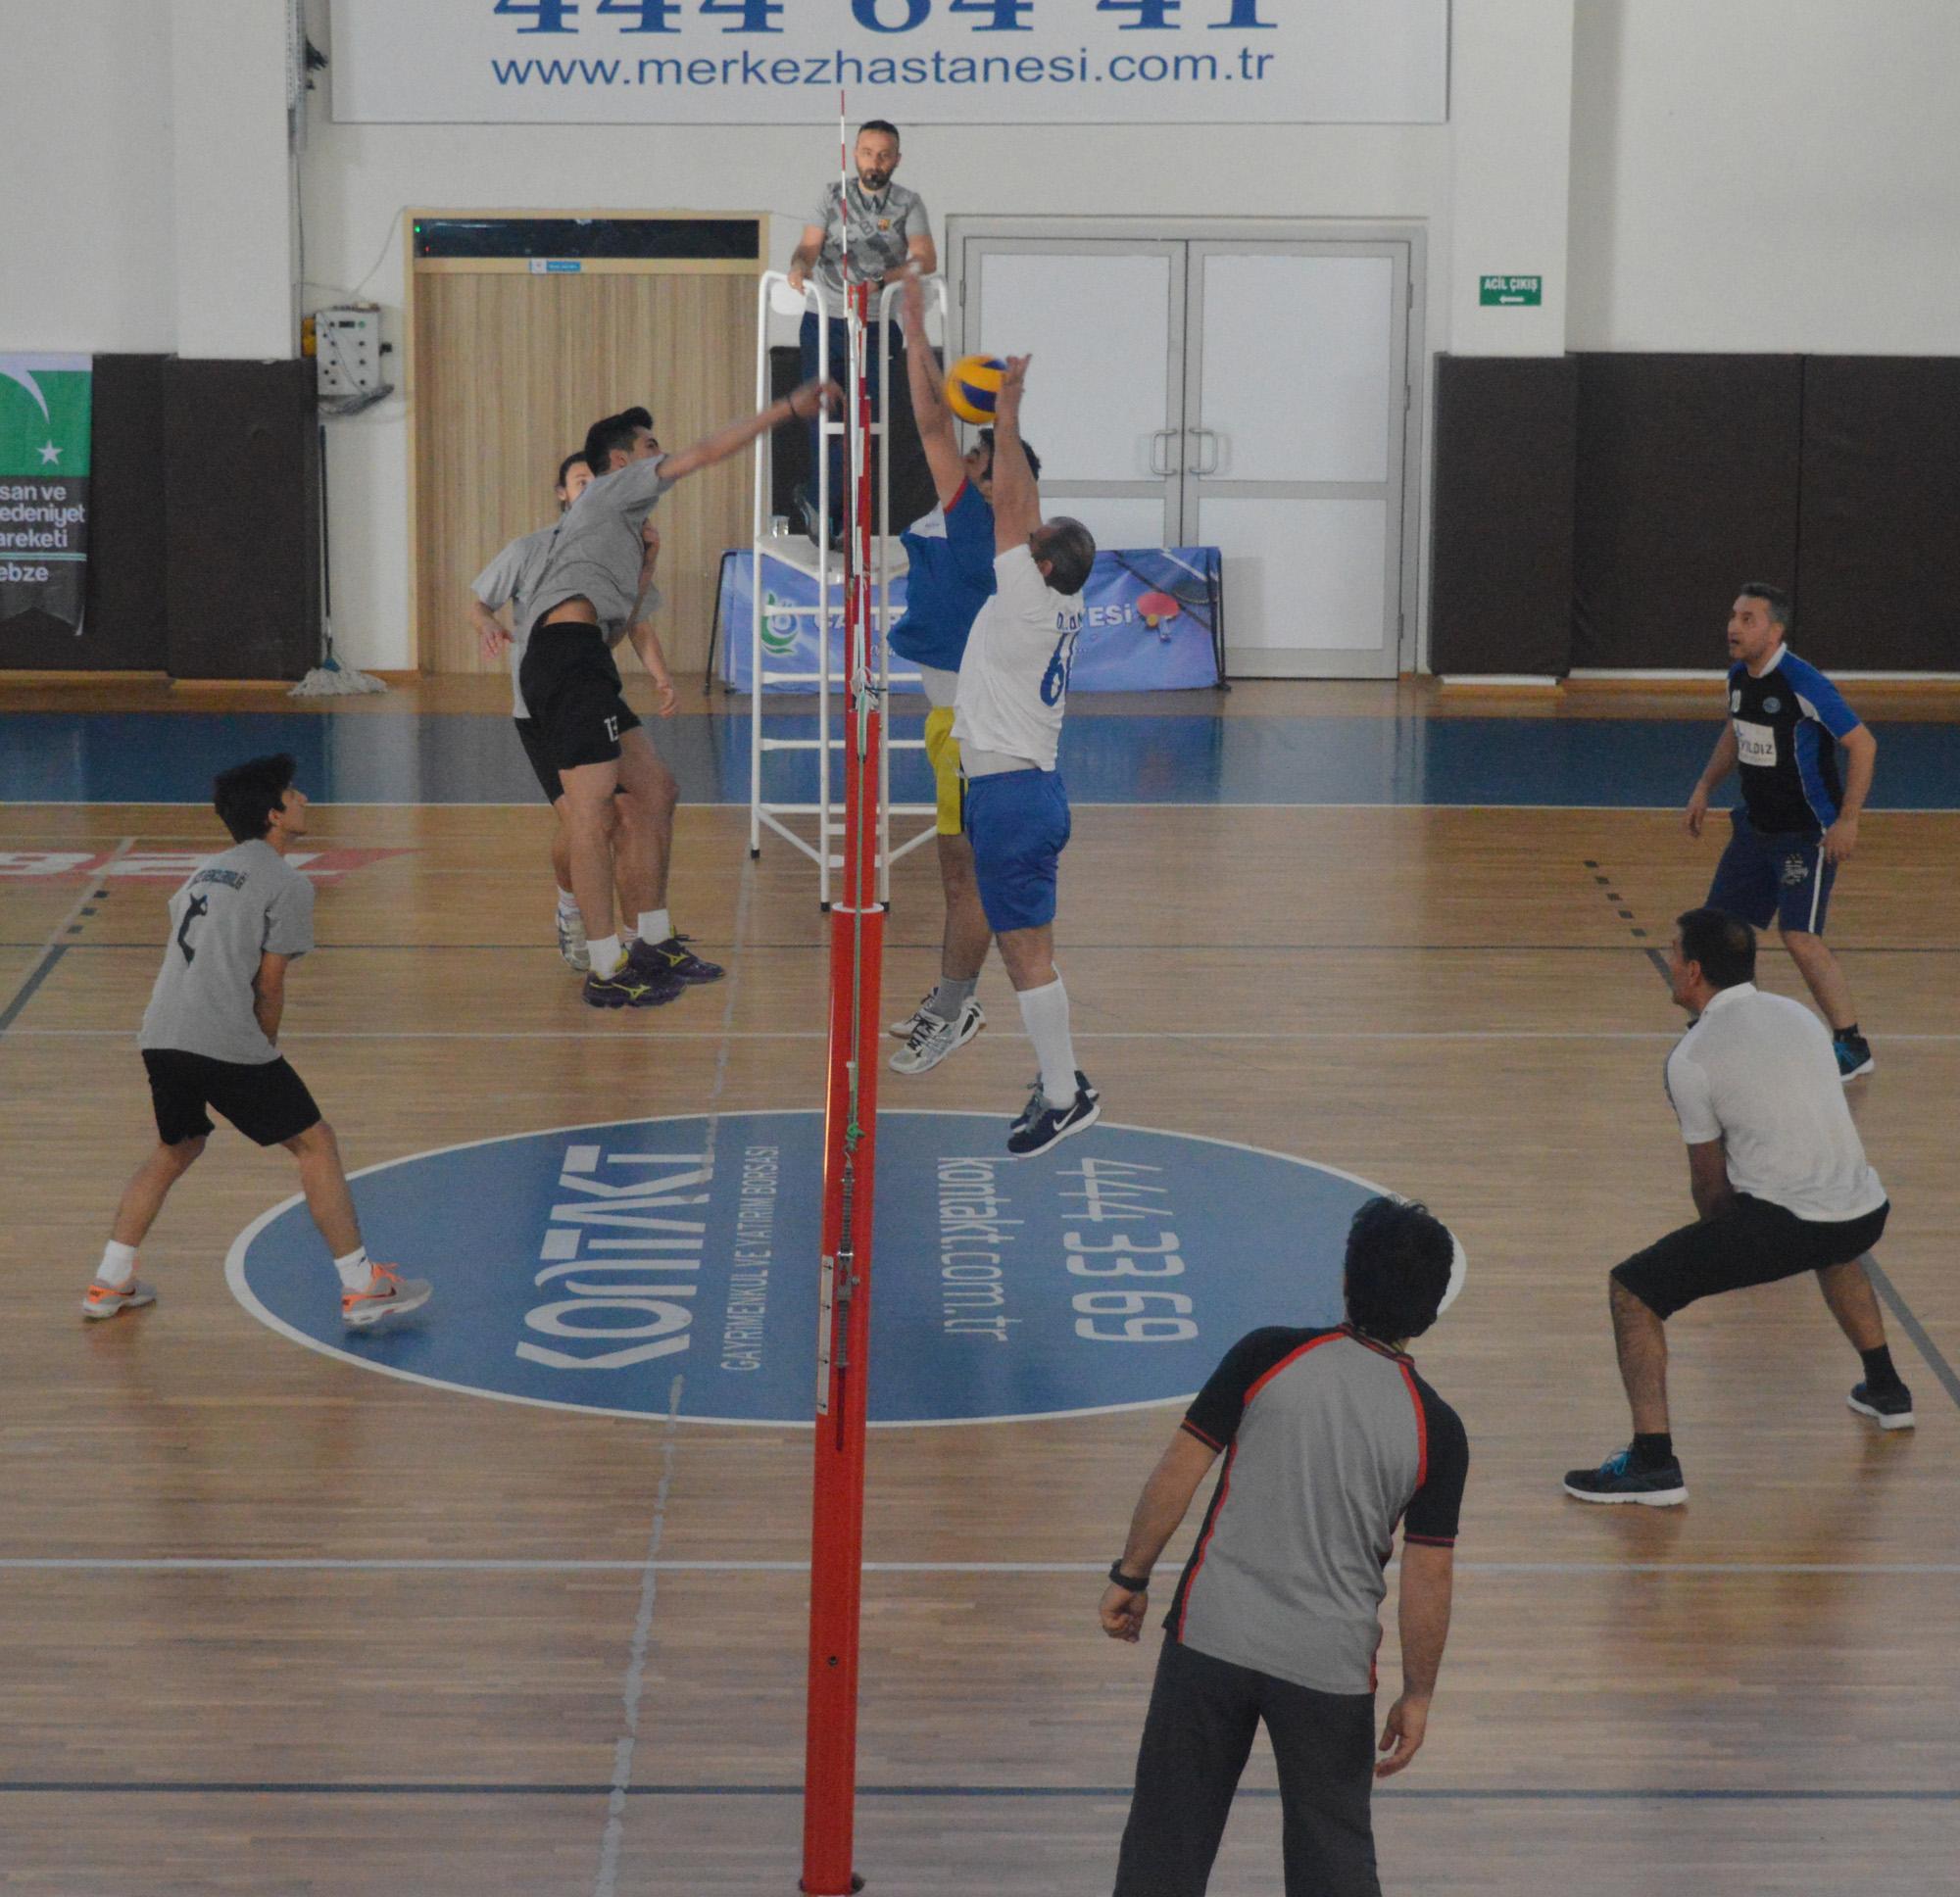 Gebze İMH voleybol turnuvası düzenliyor